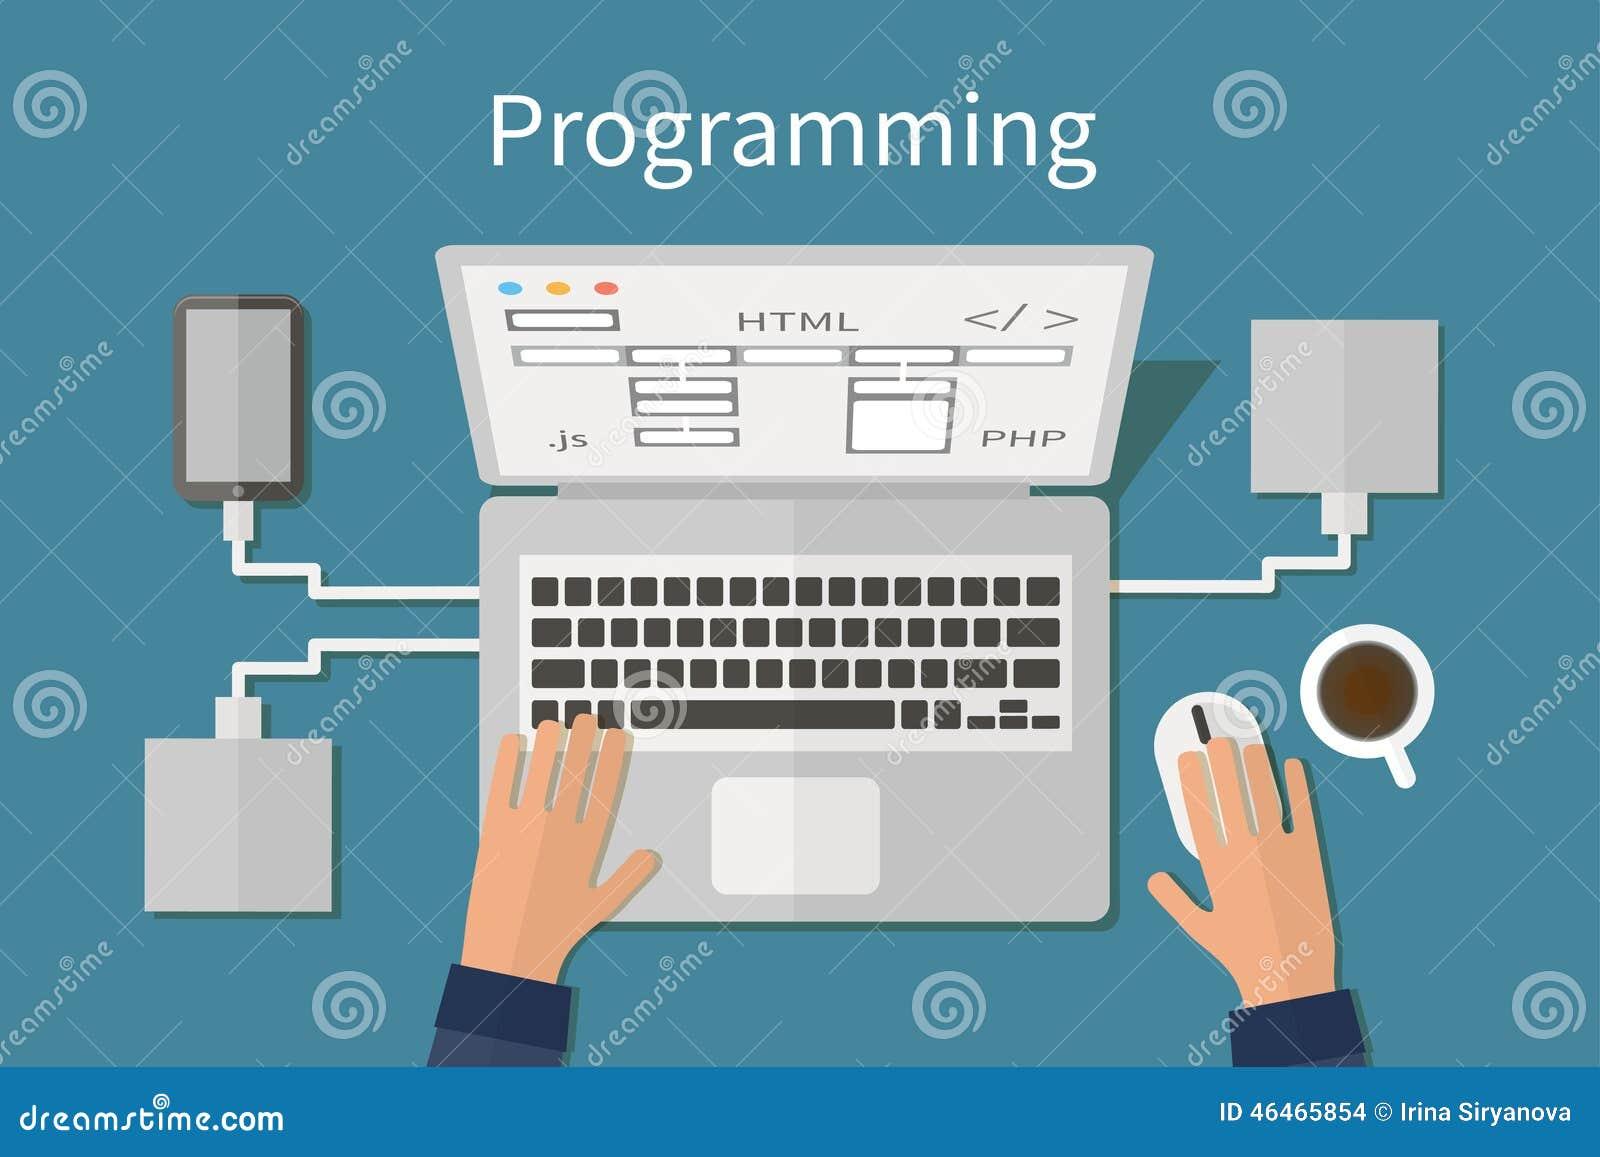 Programmerend en coderend, websitedeveopment, Web